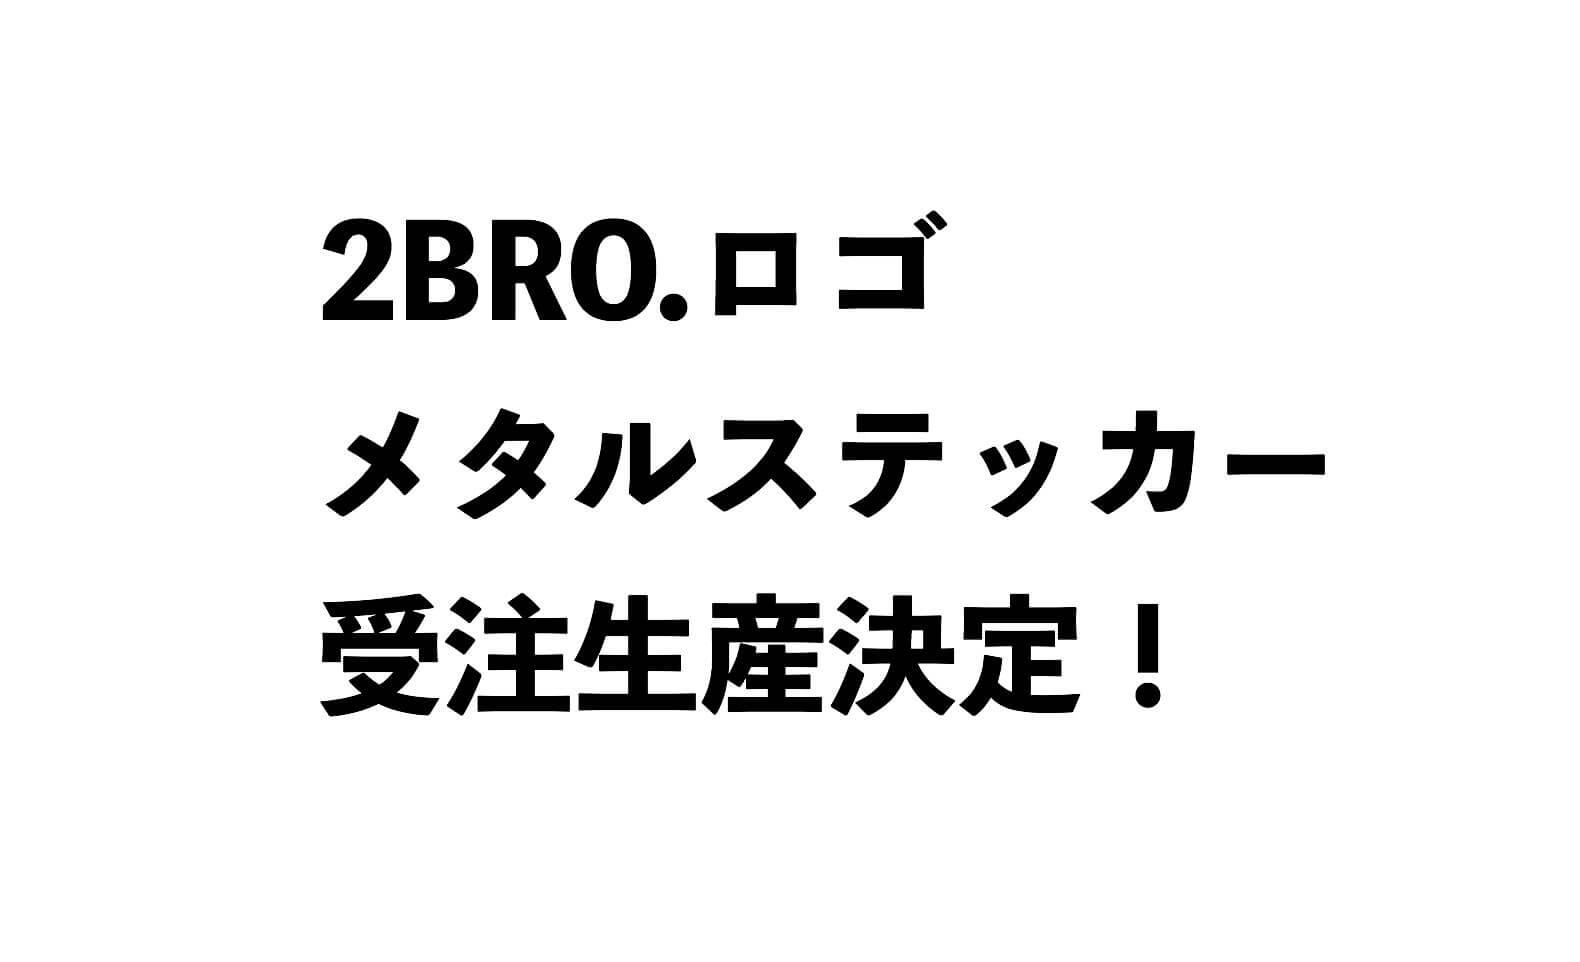 【弟者兄者】2BRO.ロゴメタルステッカーが受注生産決定!